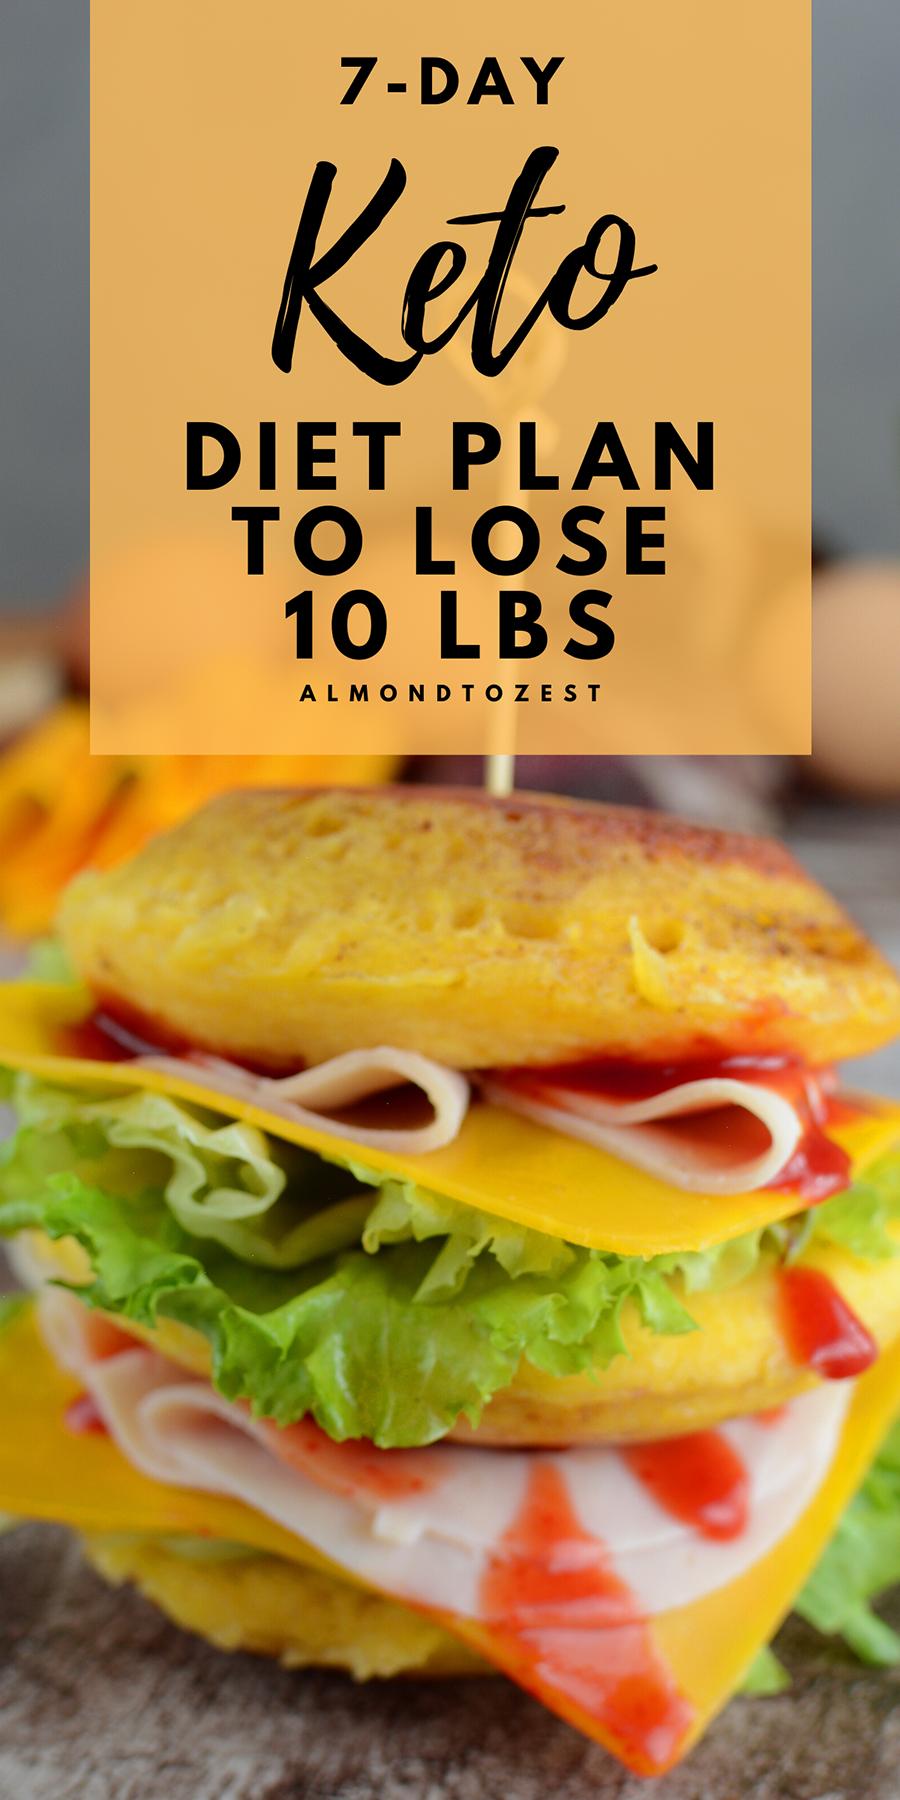 1-Week Keto Diet Plan for Beginners | Keto diet plan, Low ...